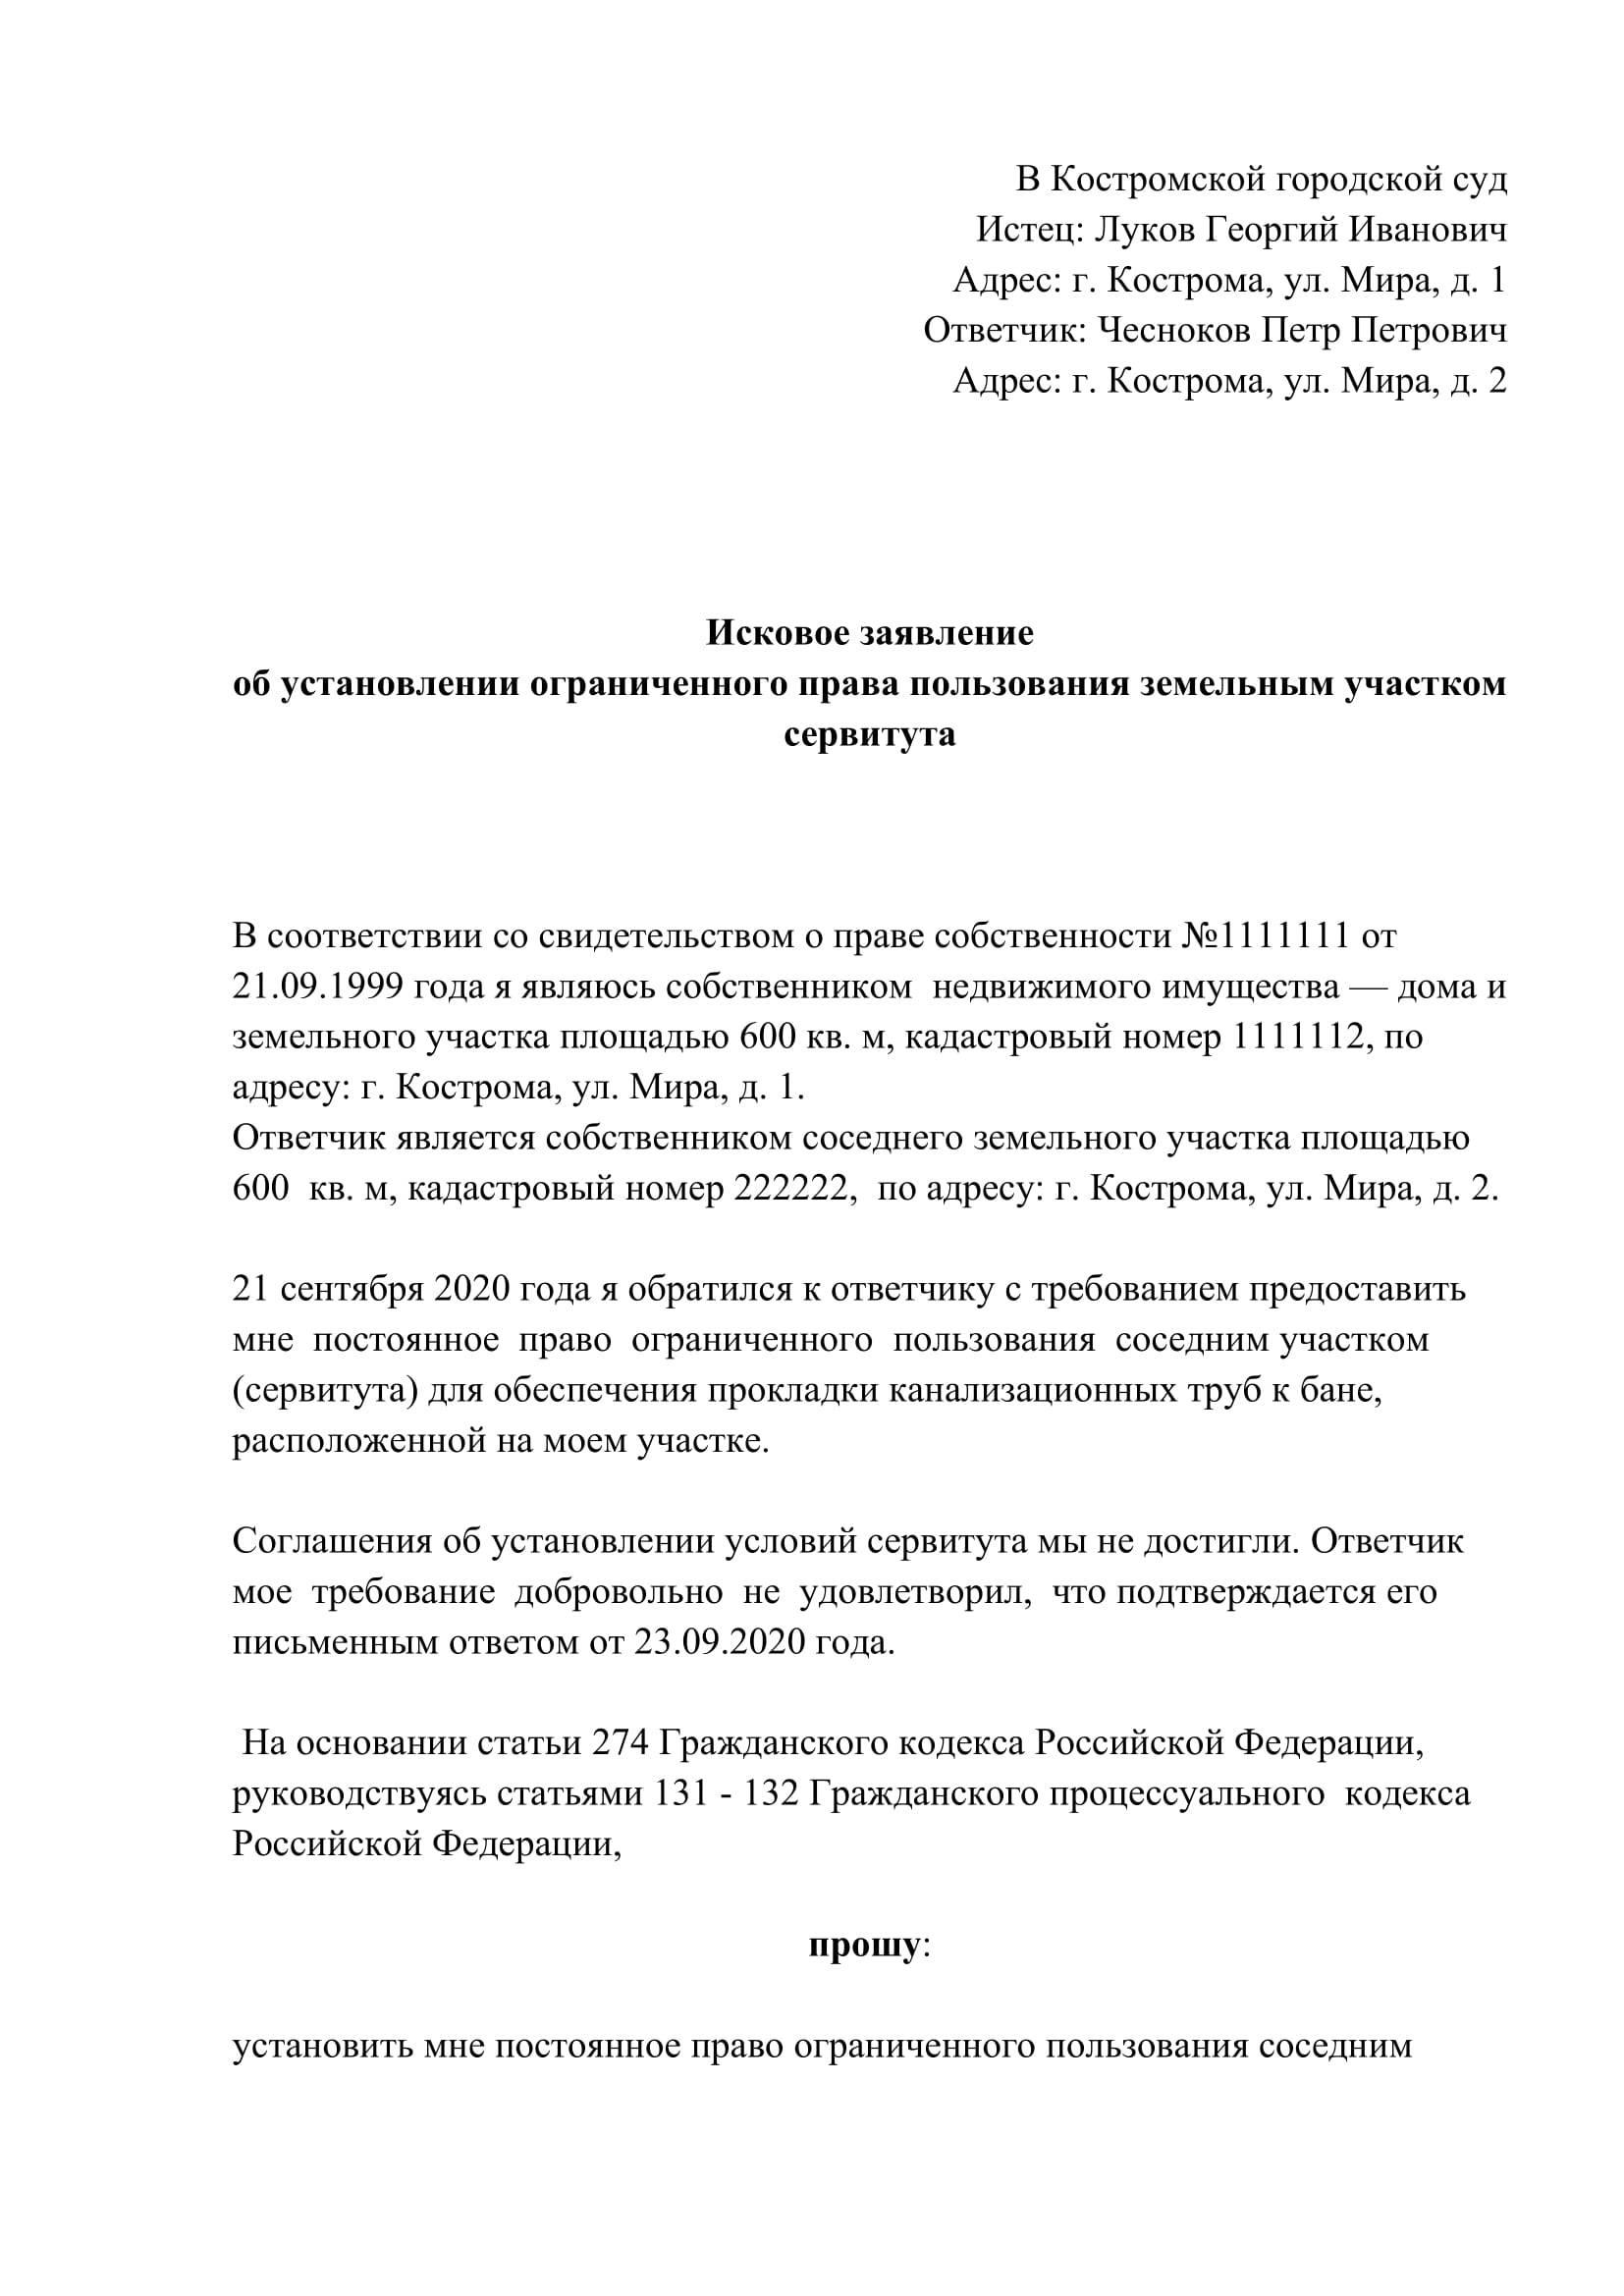 Образцы исковых заявлений в суд по земельным вопросам